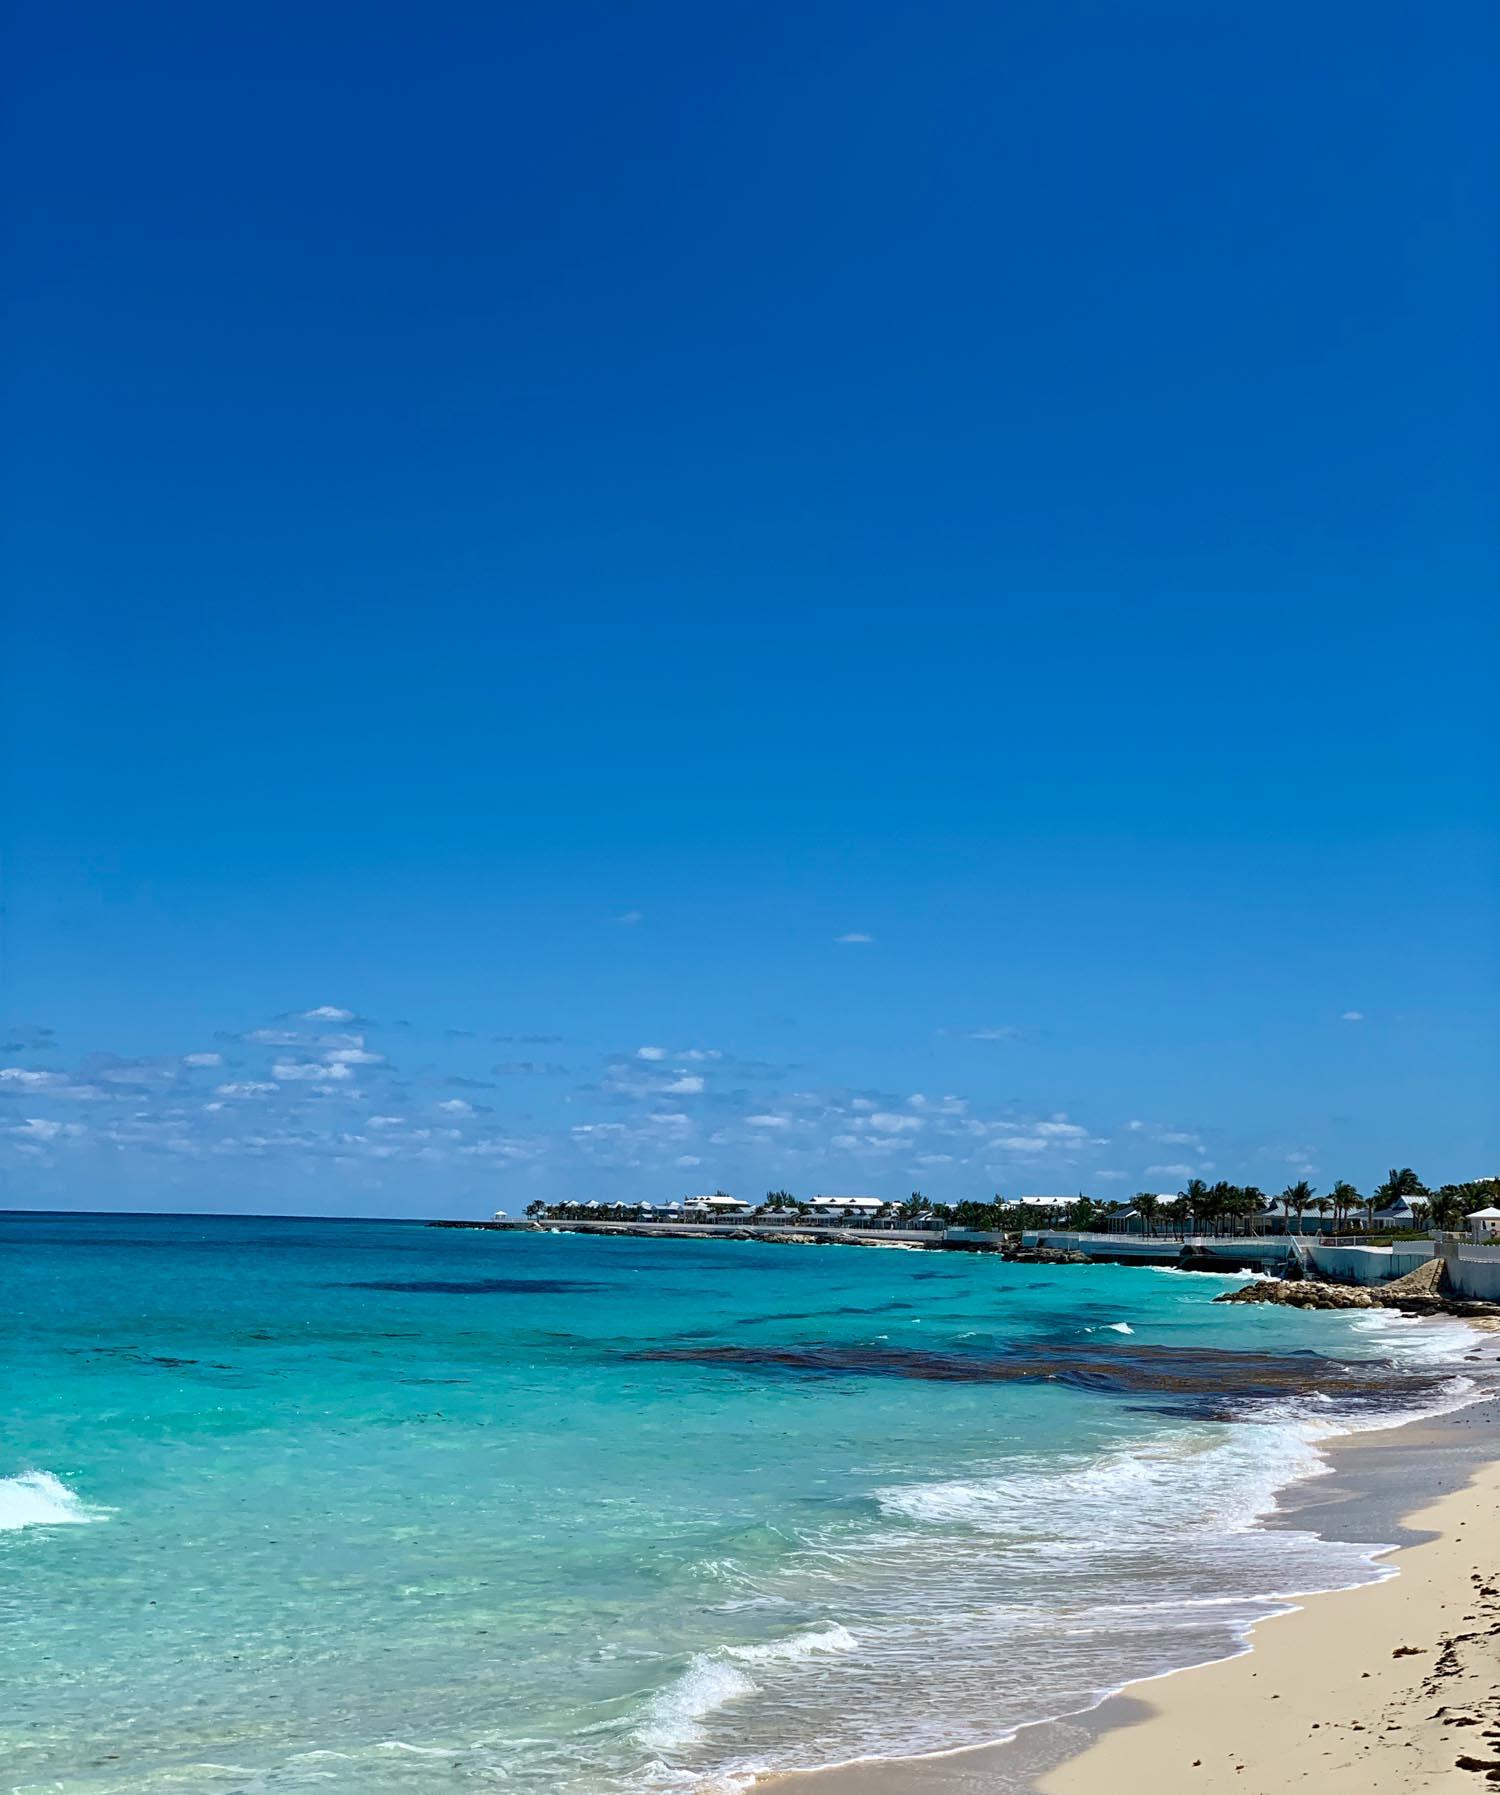 Bimini beach in the Bahamas